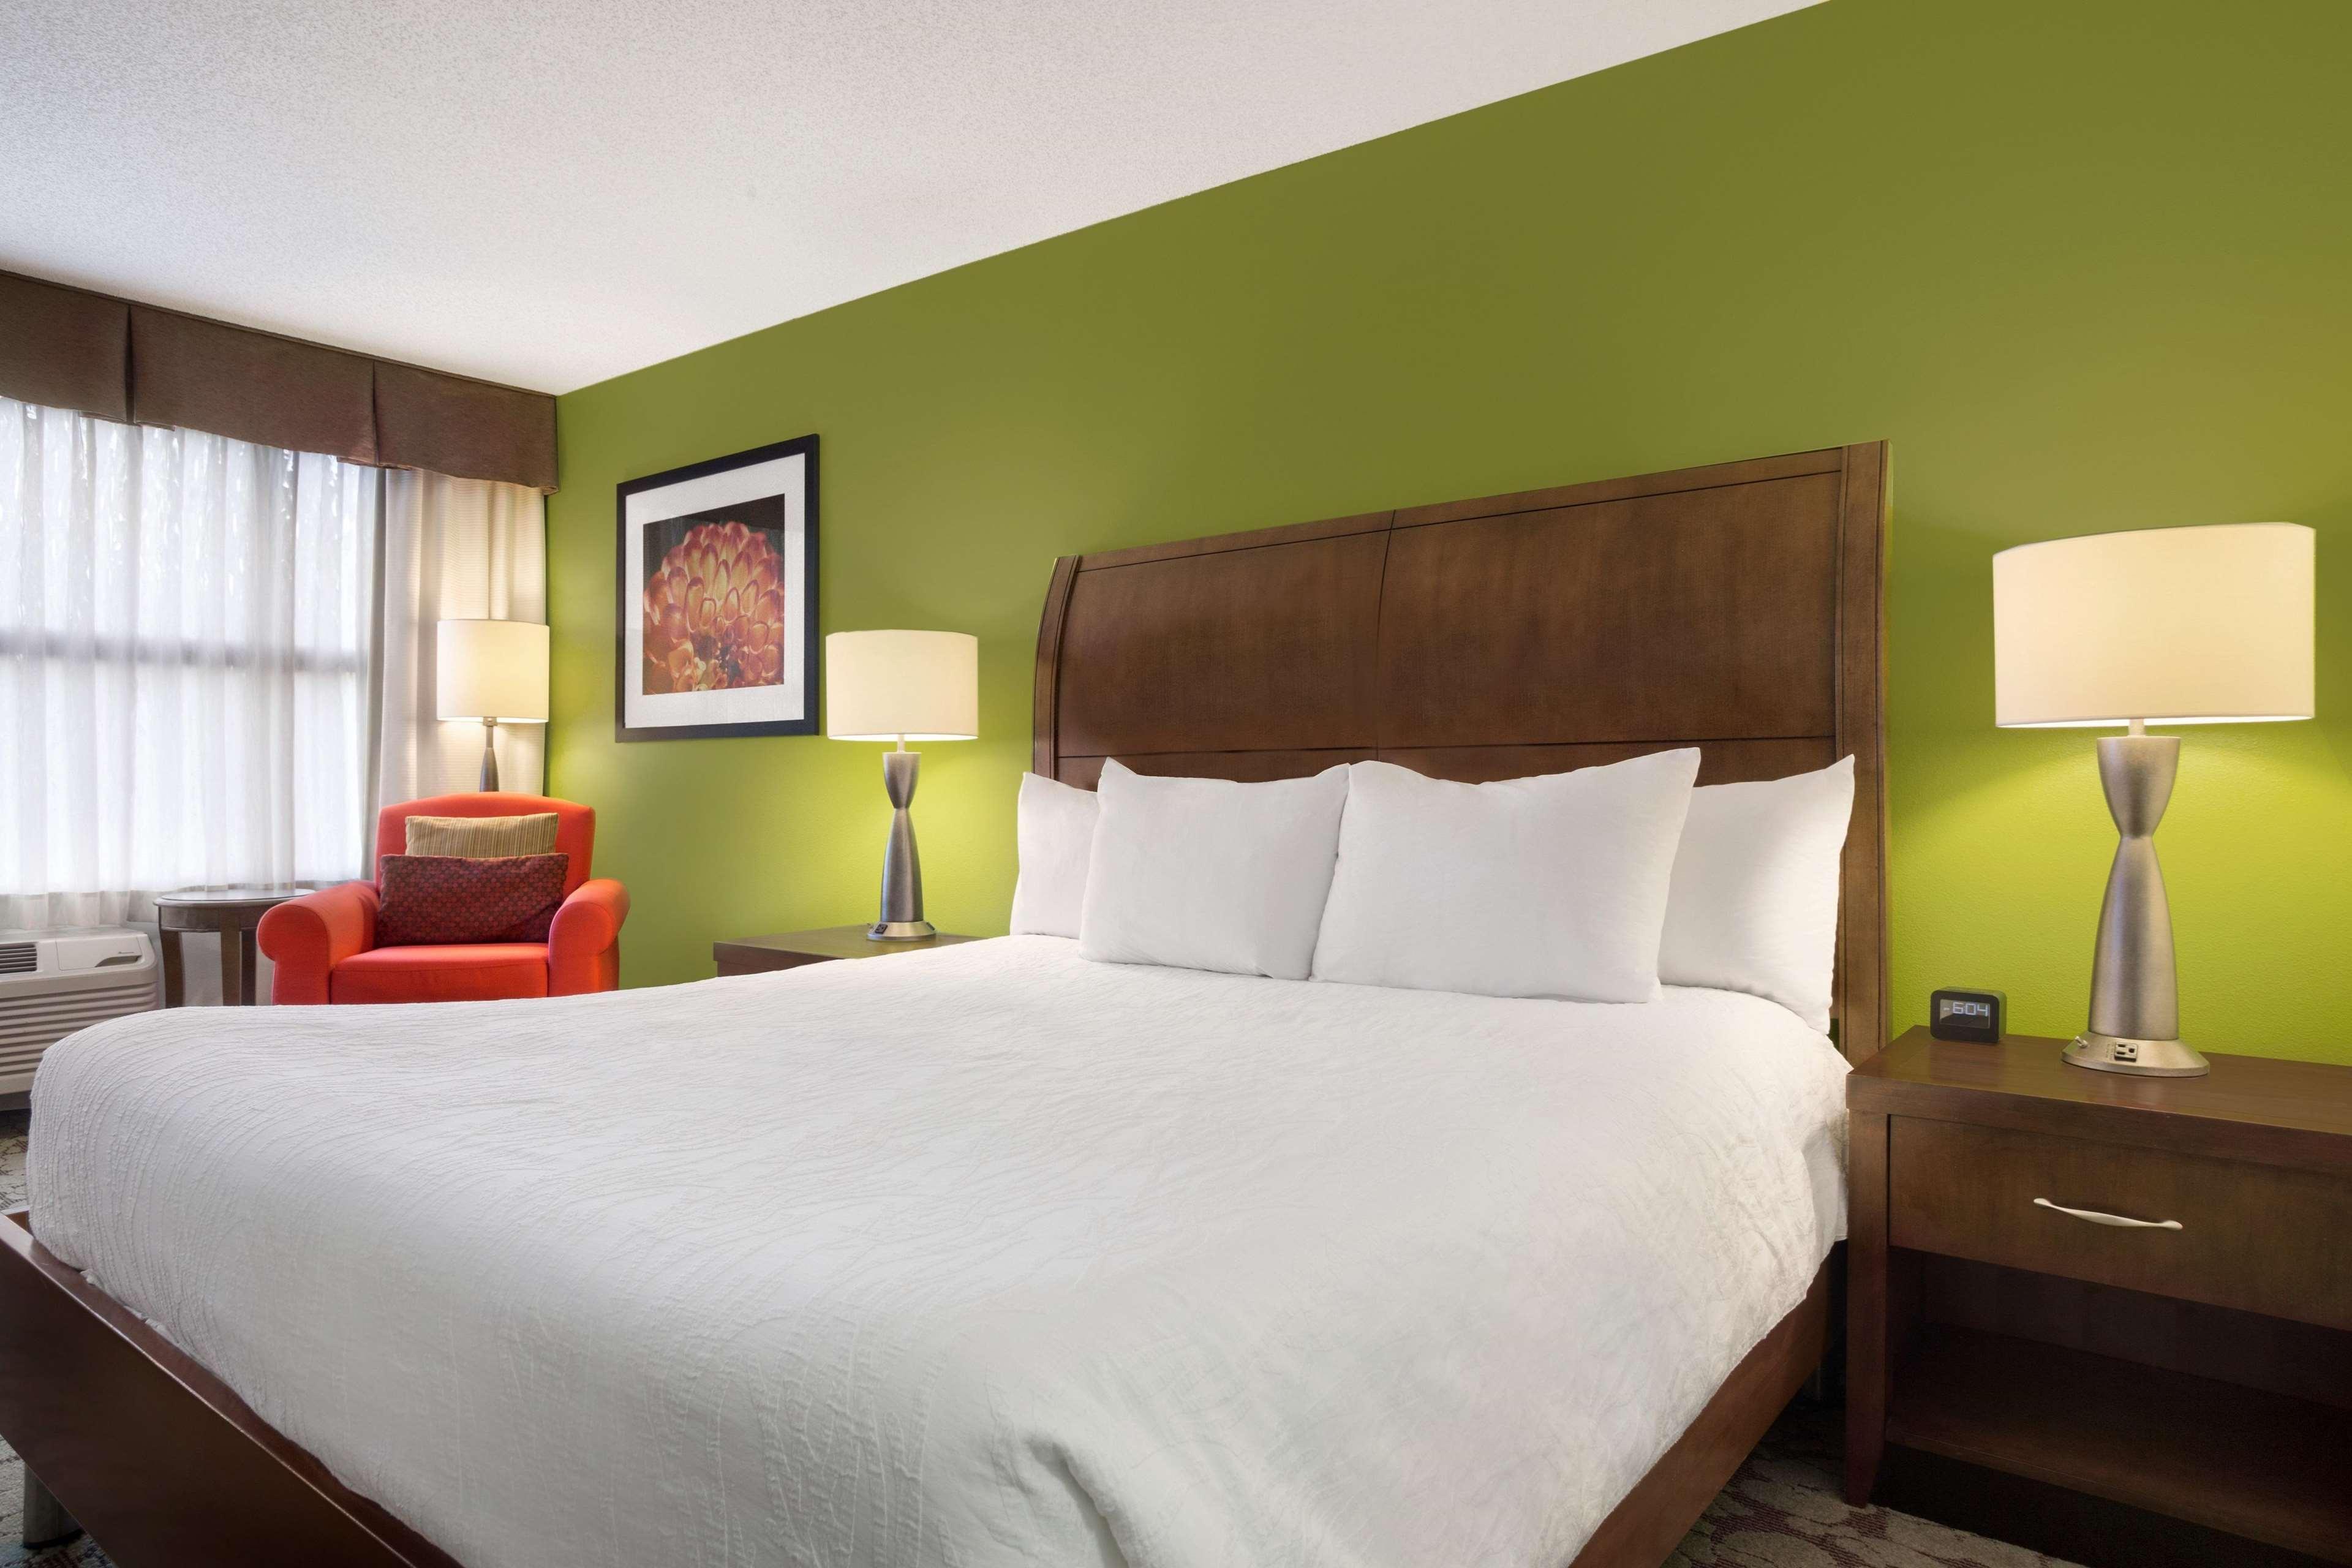 Hilton Garden Inn Atlanta Perimeter Center image 13